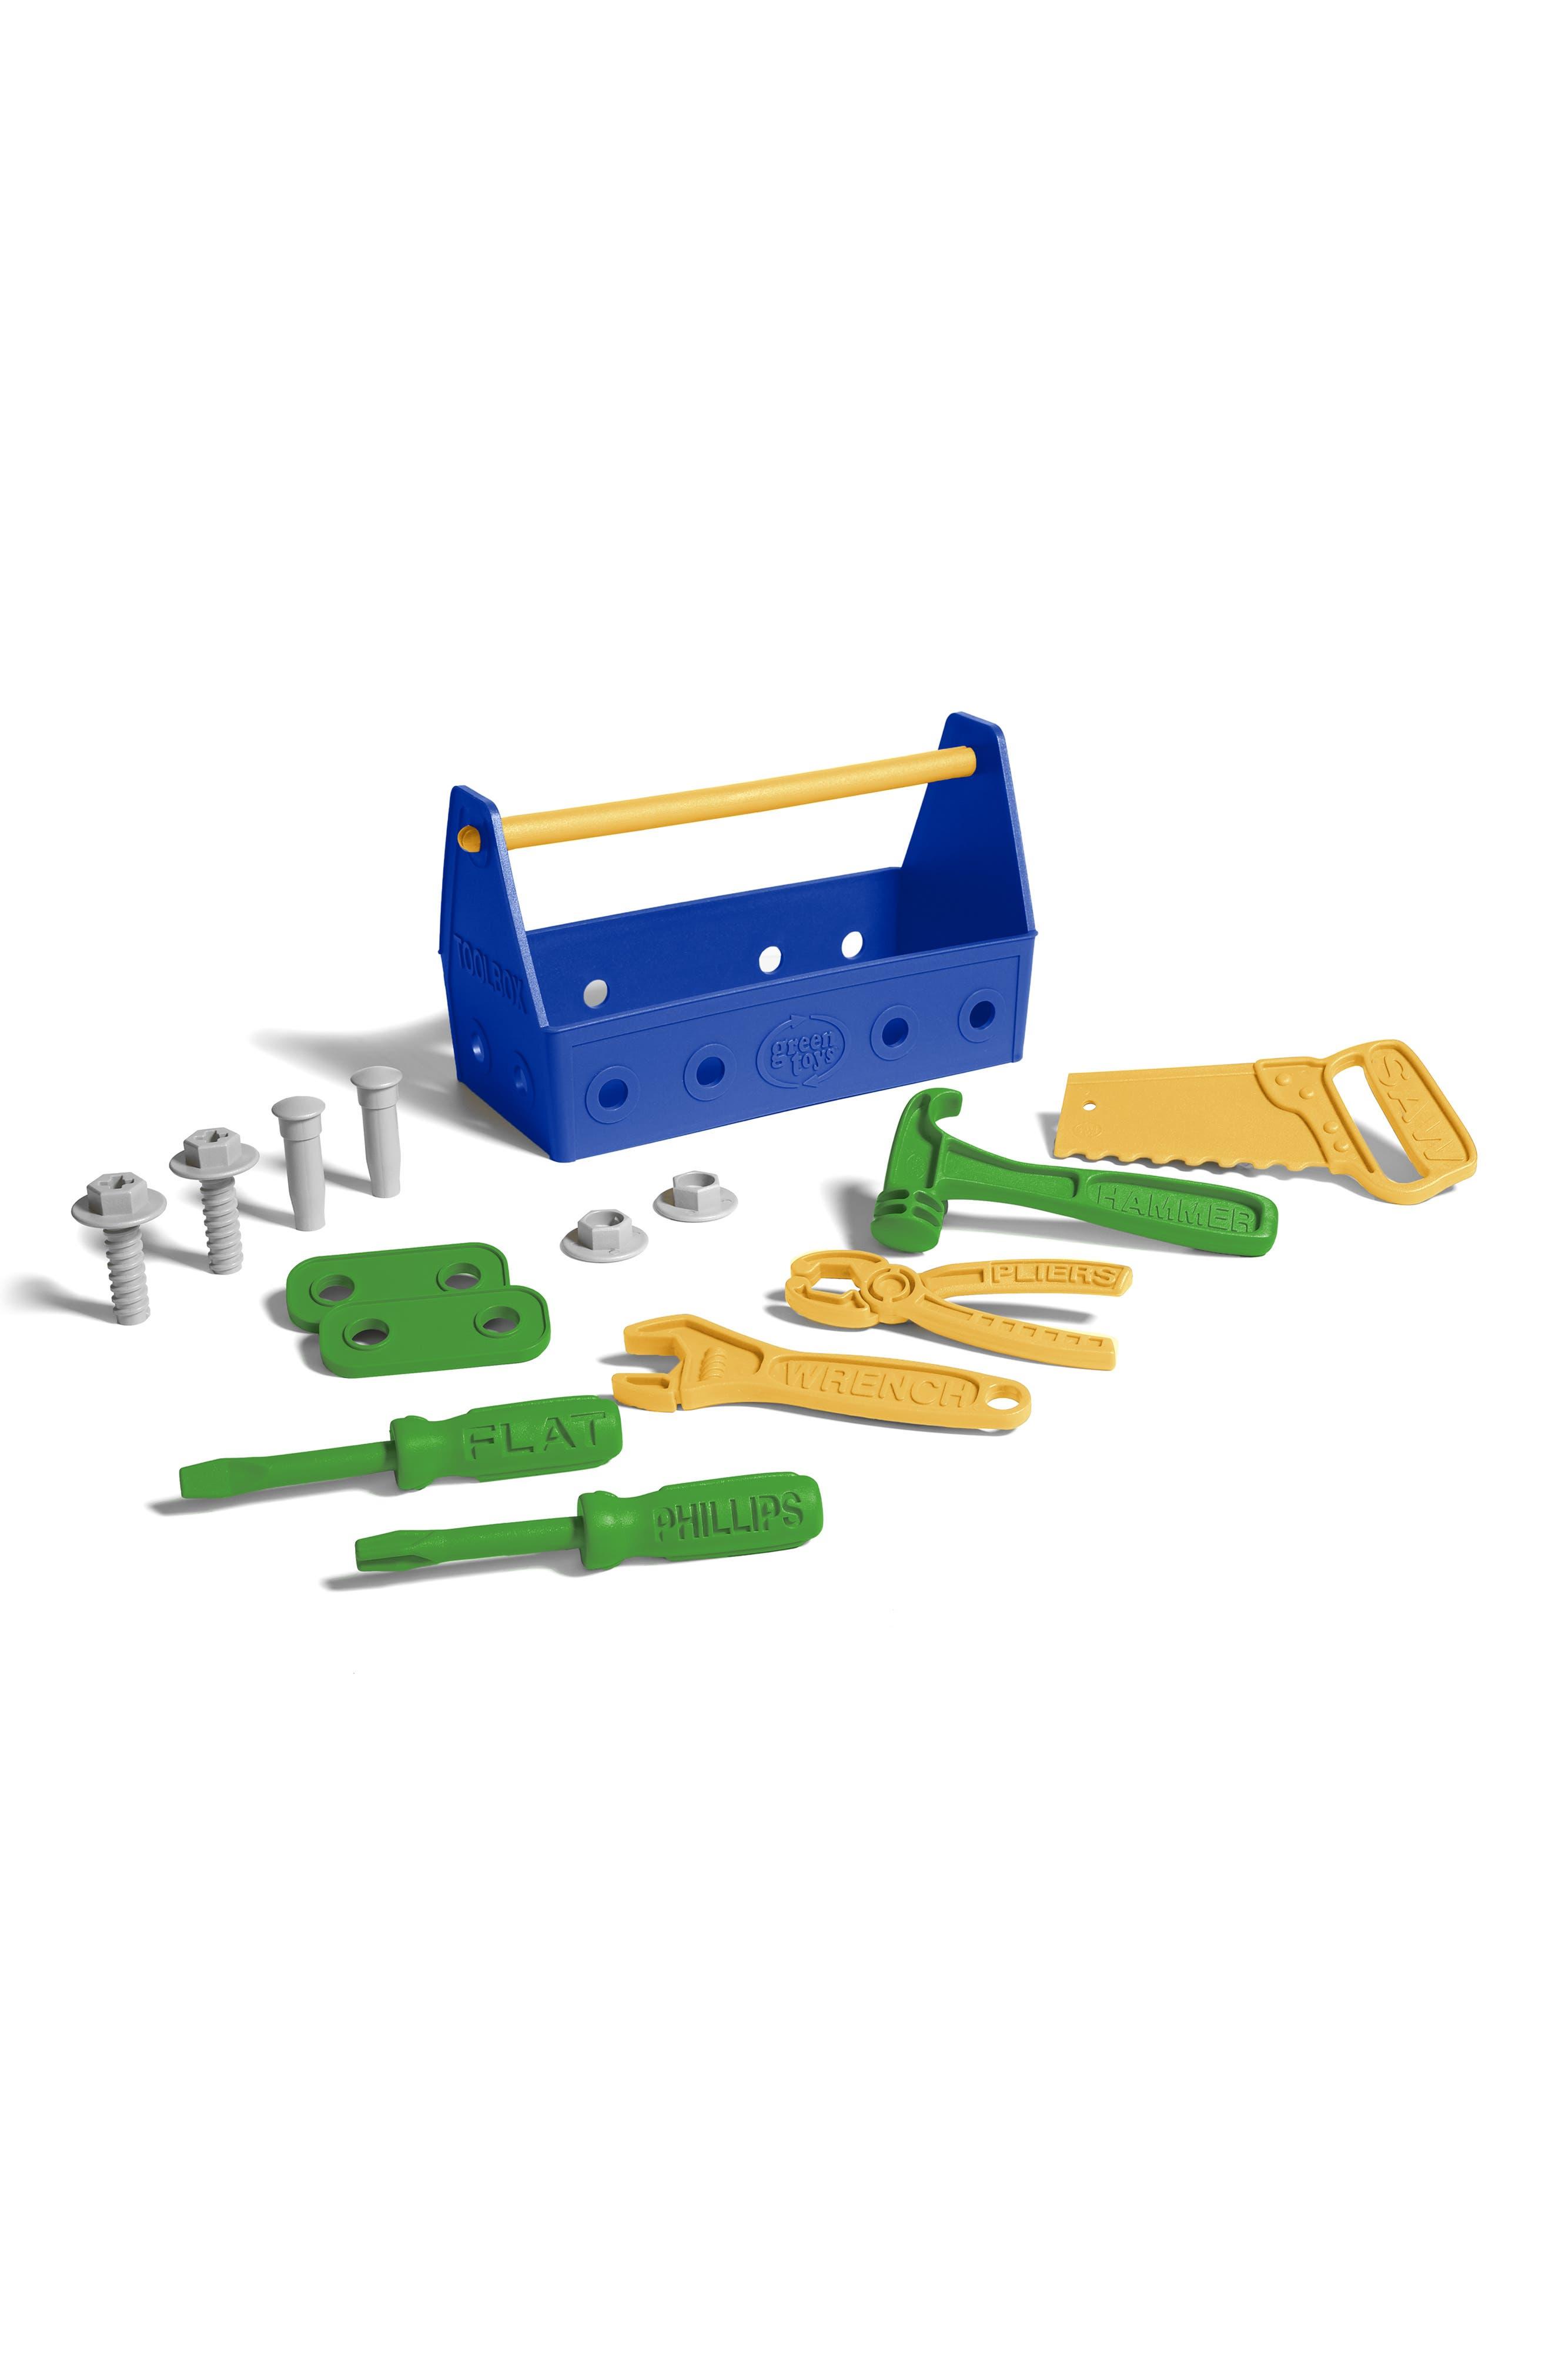 15-Piece Plastic Tool Set,                             Main thumbnail 1, color,                             Blue